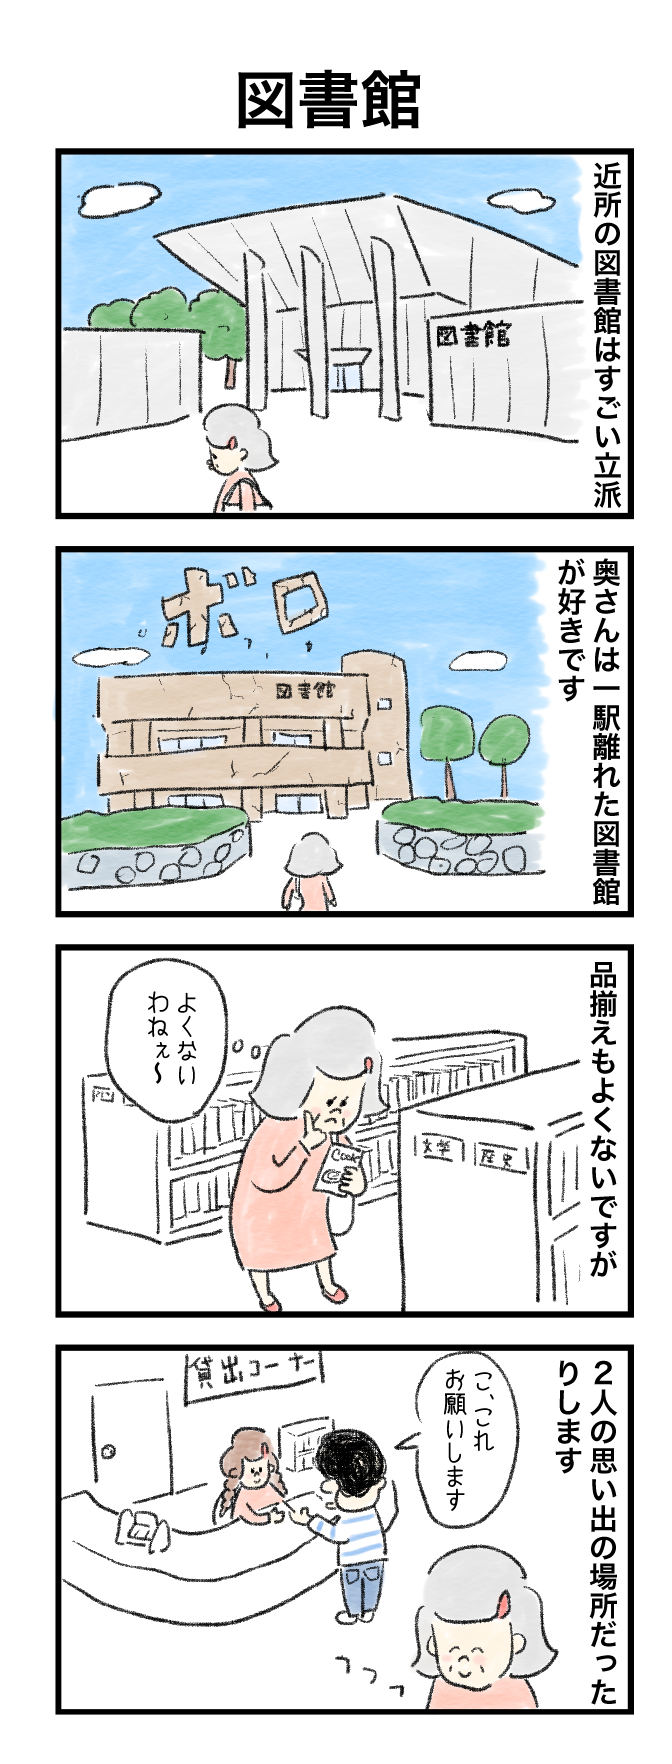 今日の泉谷さん【21】 作:カワサキヒロシ(ごとお日漫画)